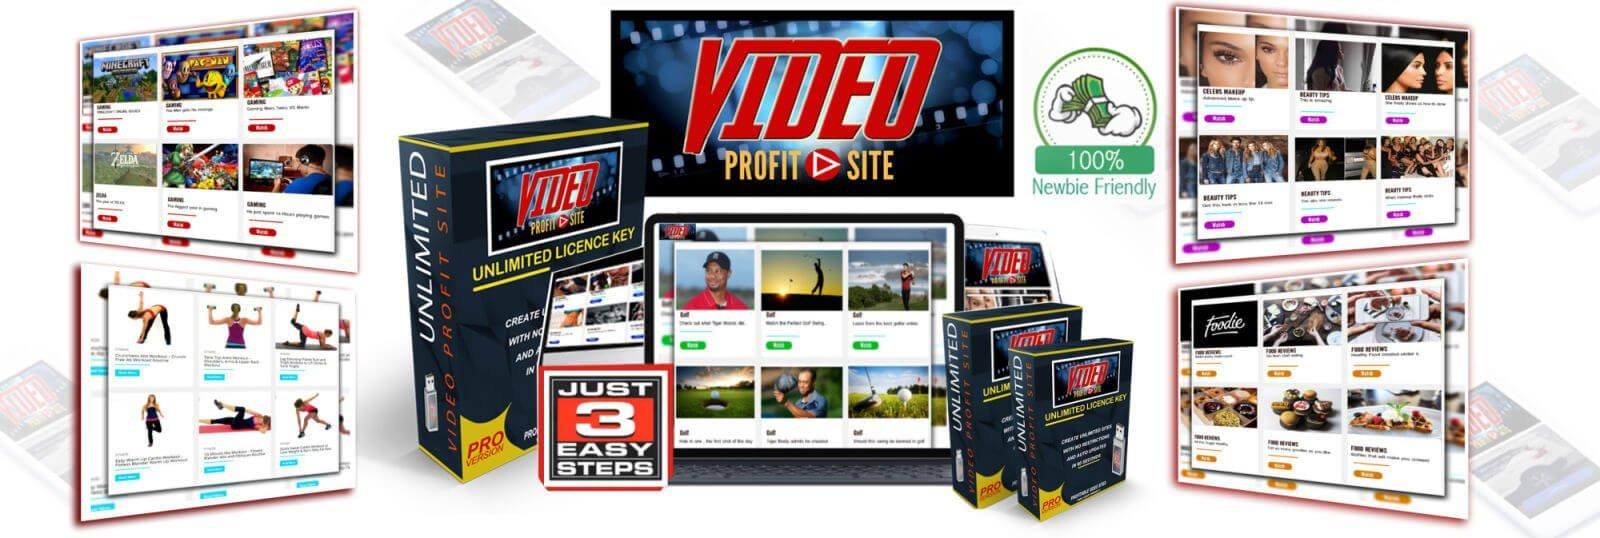 Video-Profit-Site-Review